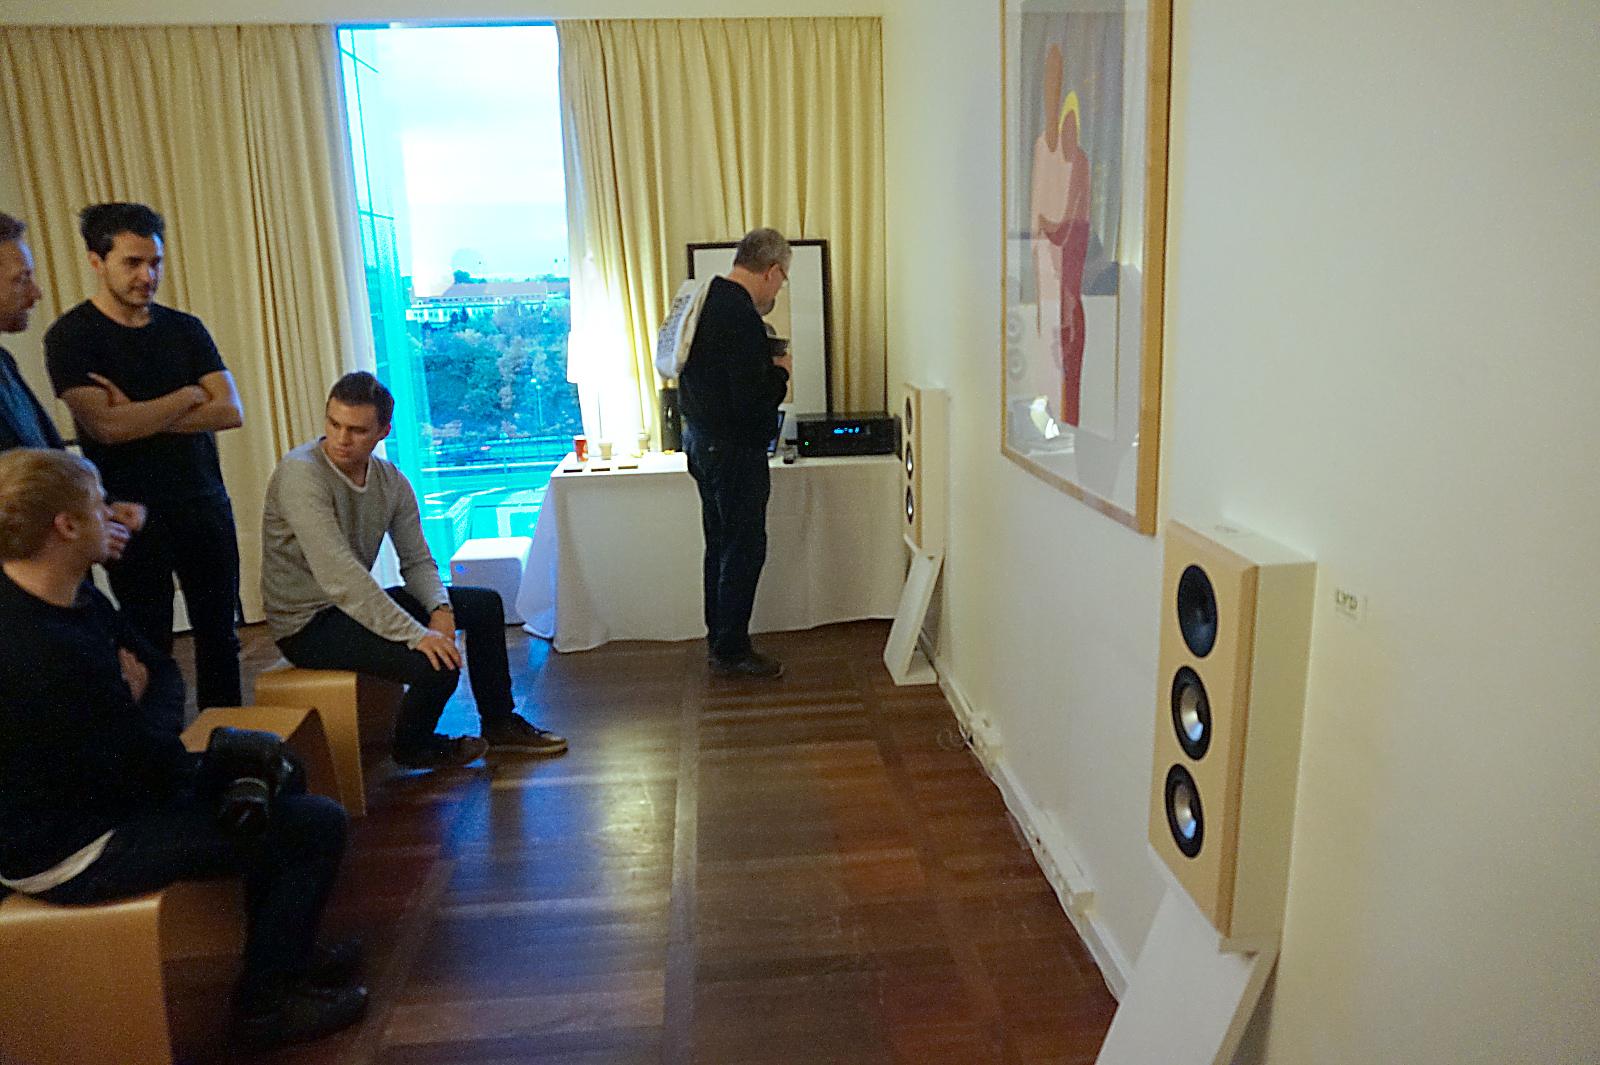 Rummet var lille hos Lyd by Dissing. Heldigvis er højttalerne særdeles placeringsvenlige! Foto: John Alex Hvidlykke, Lyd & Billede